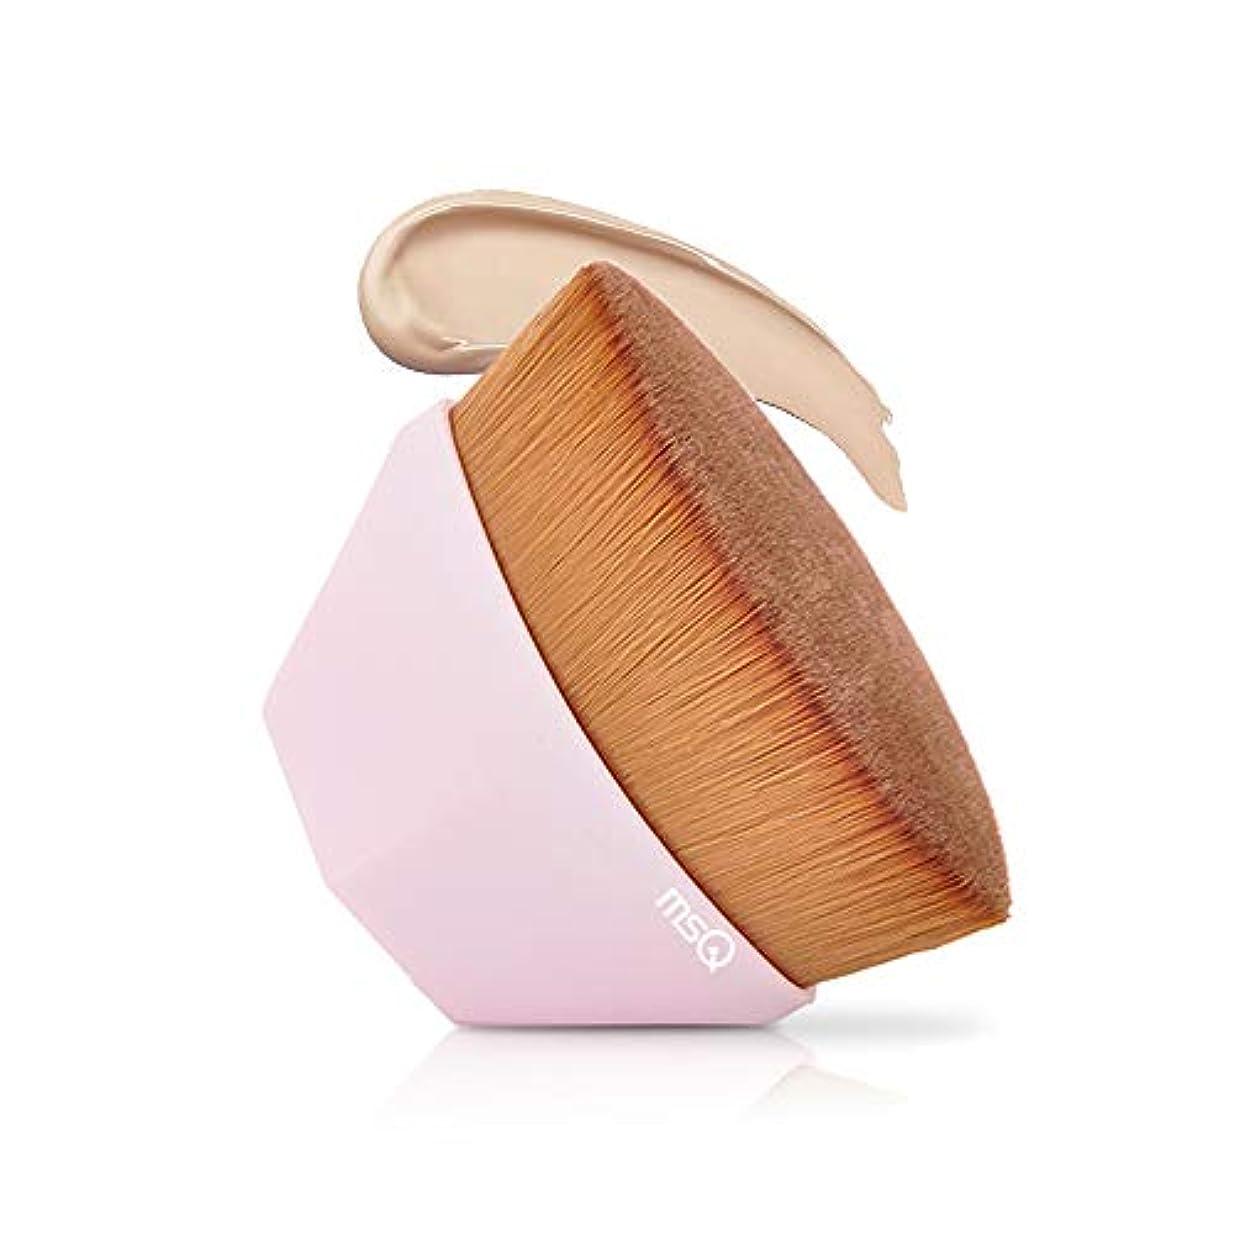 代数的一部フランクワースリーMSQ 化粧ブラシ 人気 メイクブラシ メイクアップブラシ 粧ブラシ 可愛い 化粧筆 肌に優しい ファンデーションブラシ アイシャドウブラシ 携帯便利 (ピンク化粧ブラシ)